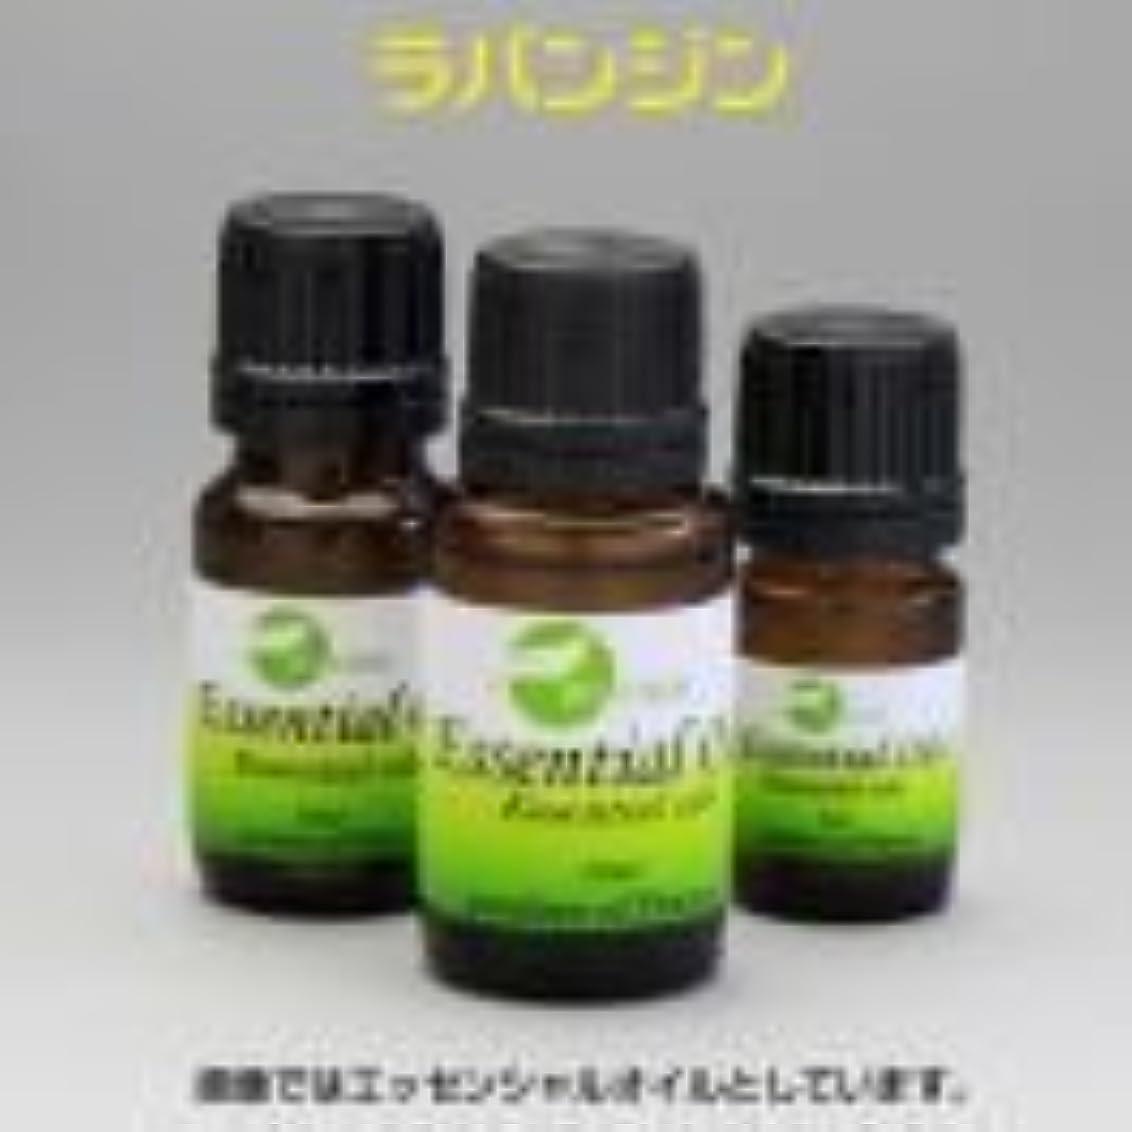 [エッセンシャルオイル] フローラルな香りの中にもシャープさが ラバンジン 15ml